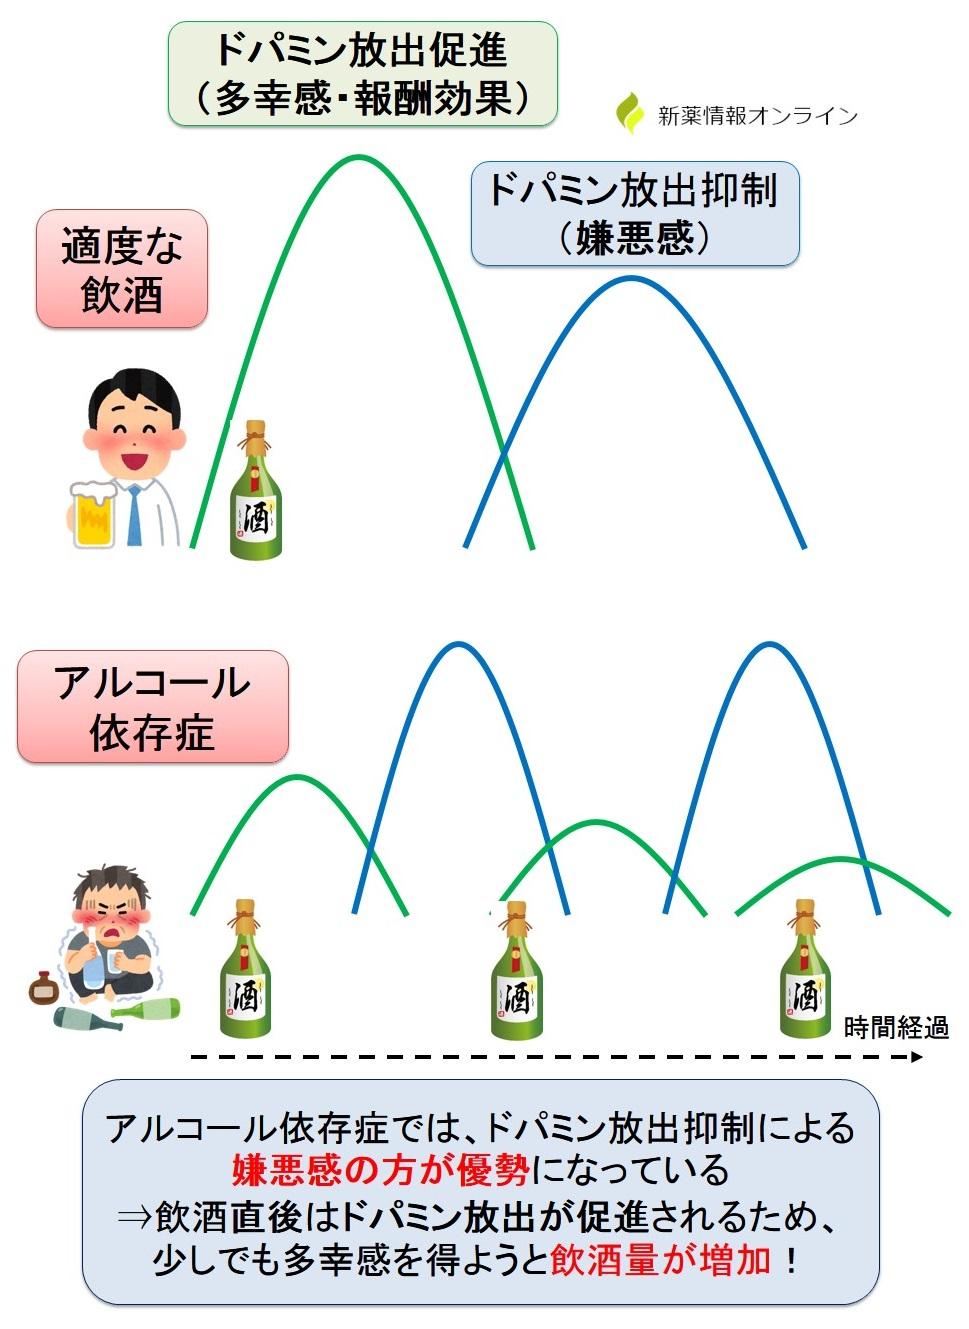 アルコール依存症とドパミンの関係性